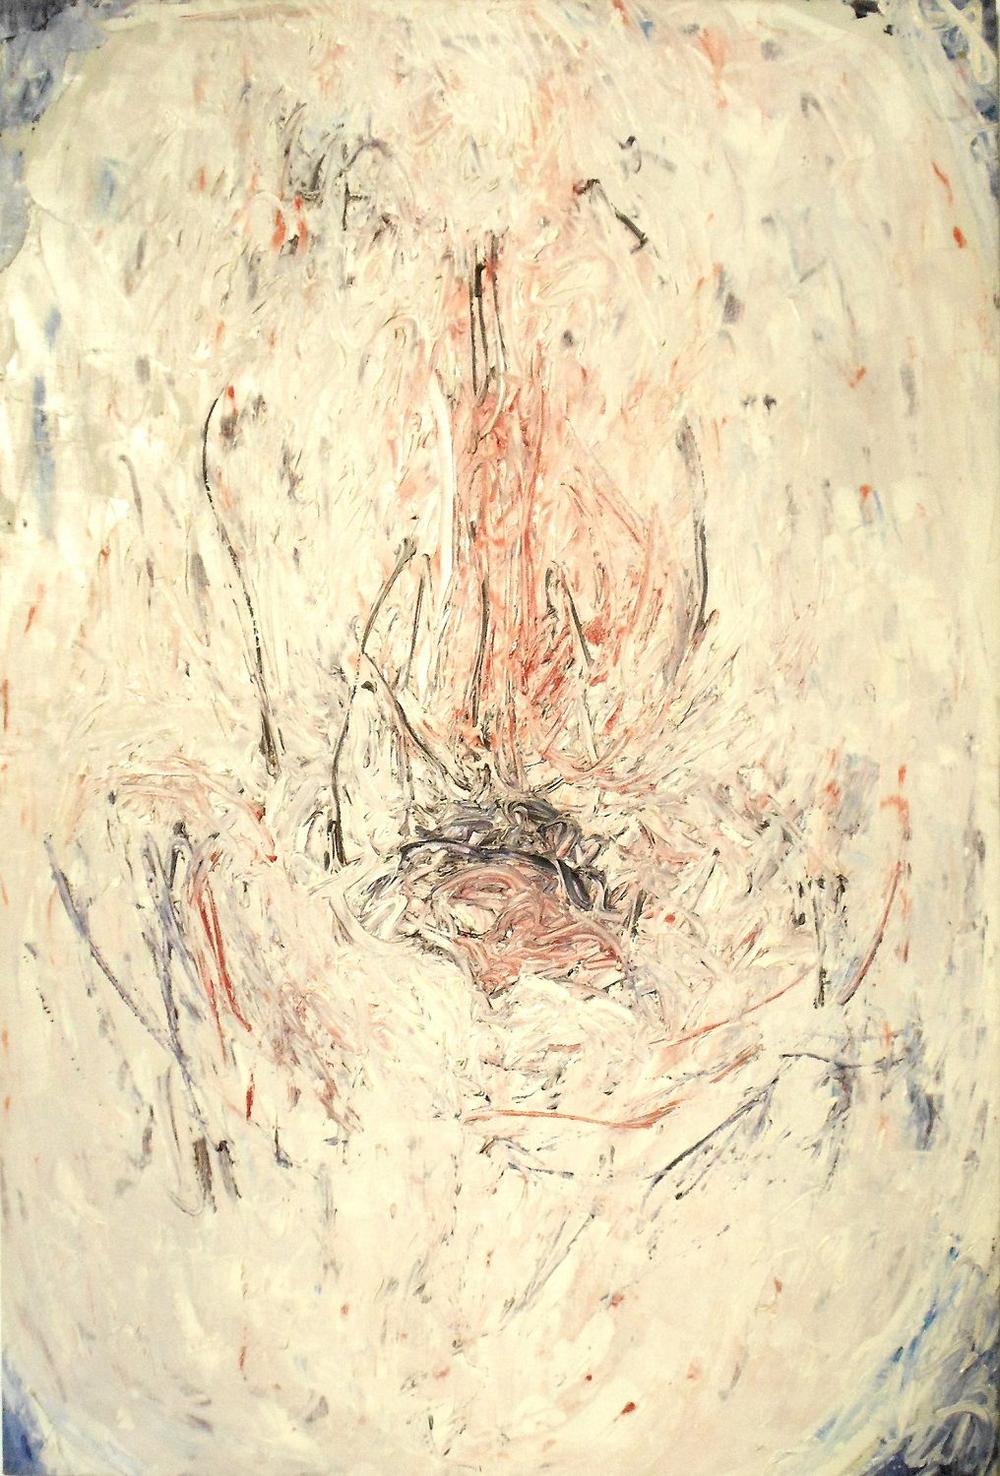 Pazzia e morte. Esperienza prima, 1963, olio su tela, cm 110 x 74   Pazzia e morte. Esperienza prima, 1963, oil on canvas,cm 110 x 74